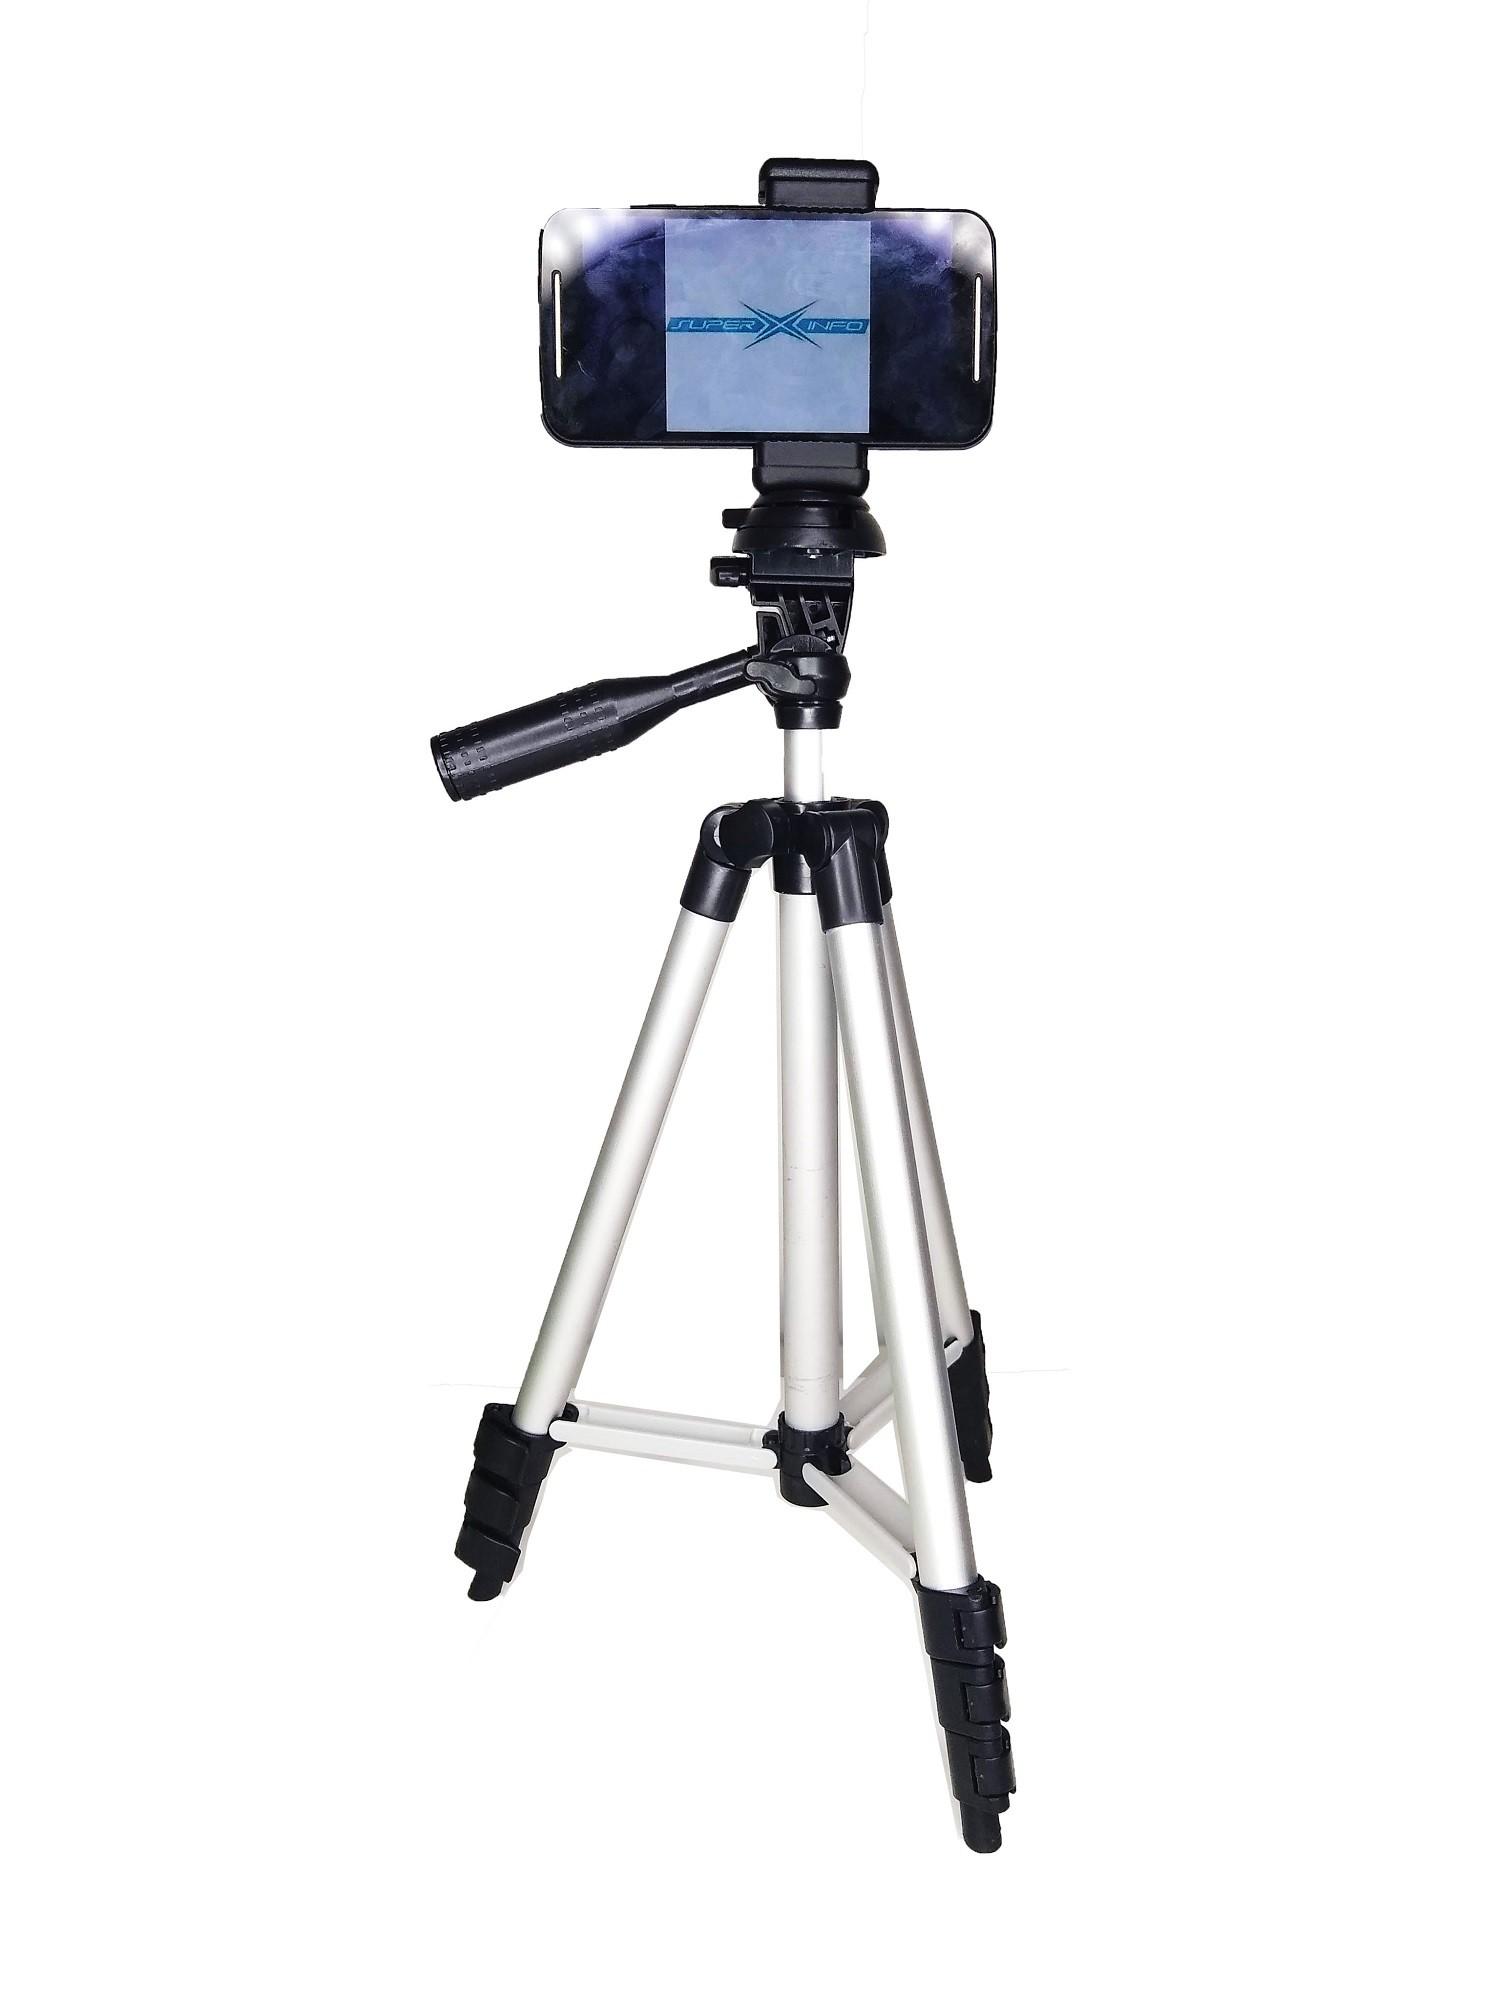 Tripé Para Câmeras Extensão Até 106cm + Suporte Adaptador Para Celular - KT-3111+12830